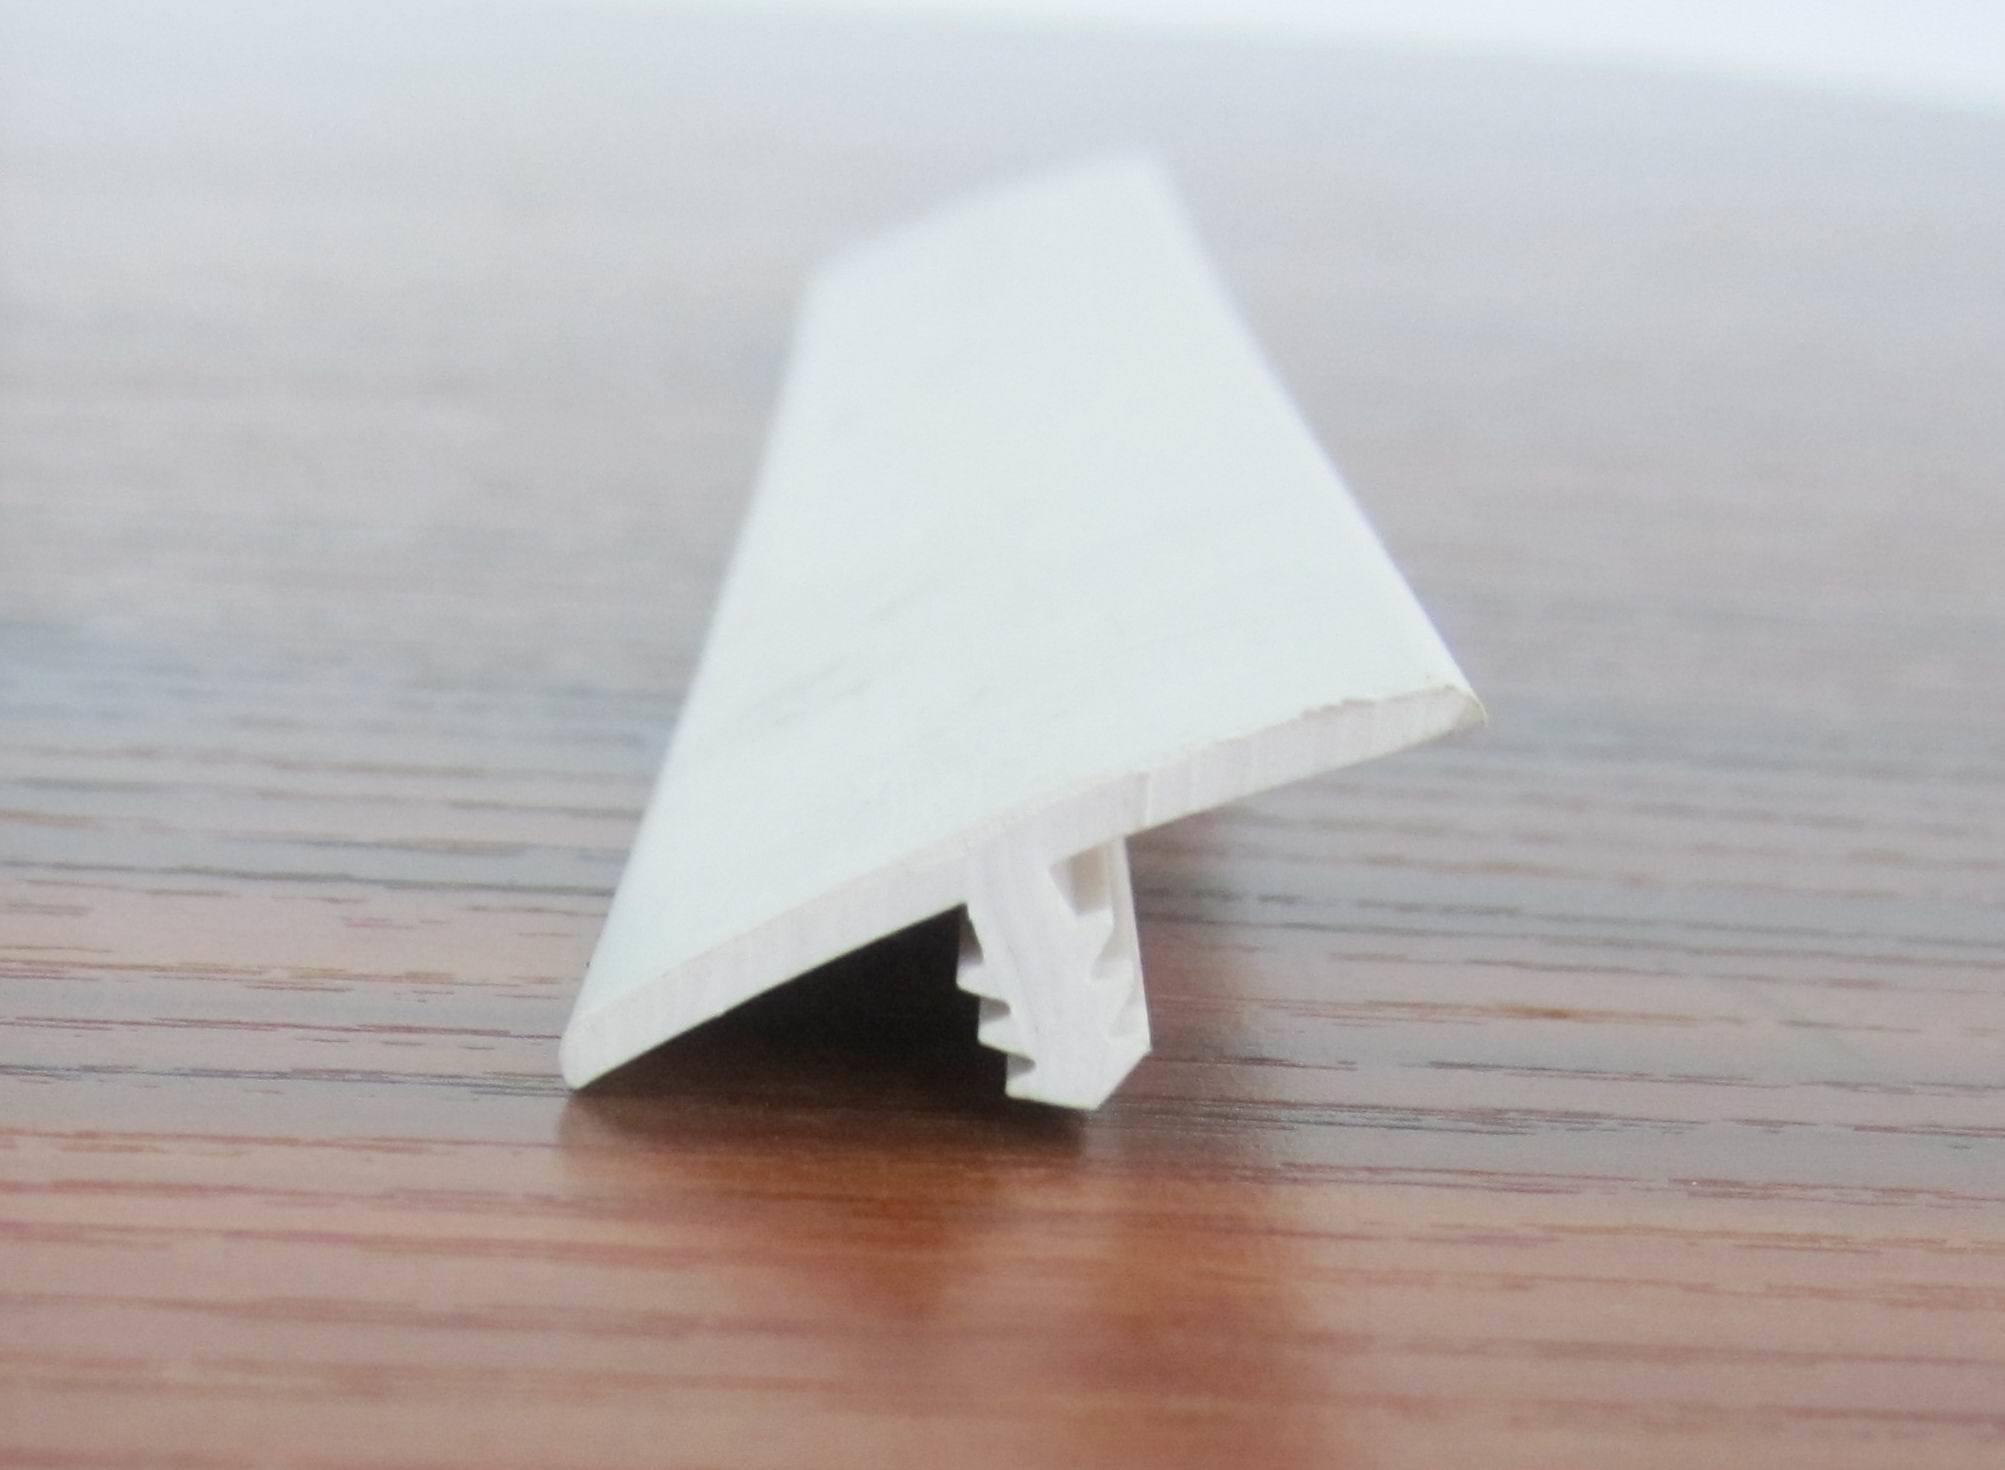 profil de pvc t bande de bord de pvc bord de pvc t profil de pvc t bande de bord de pvc. Black Bedroom Furniture Sets. Home Design Ideas